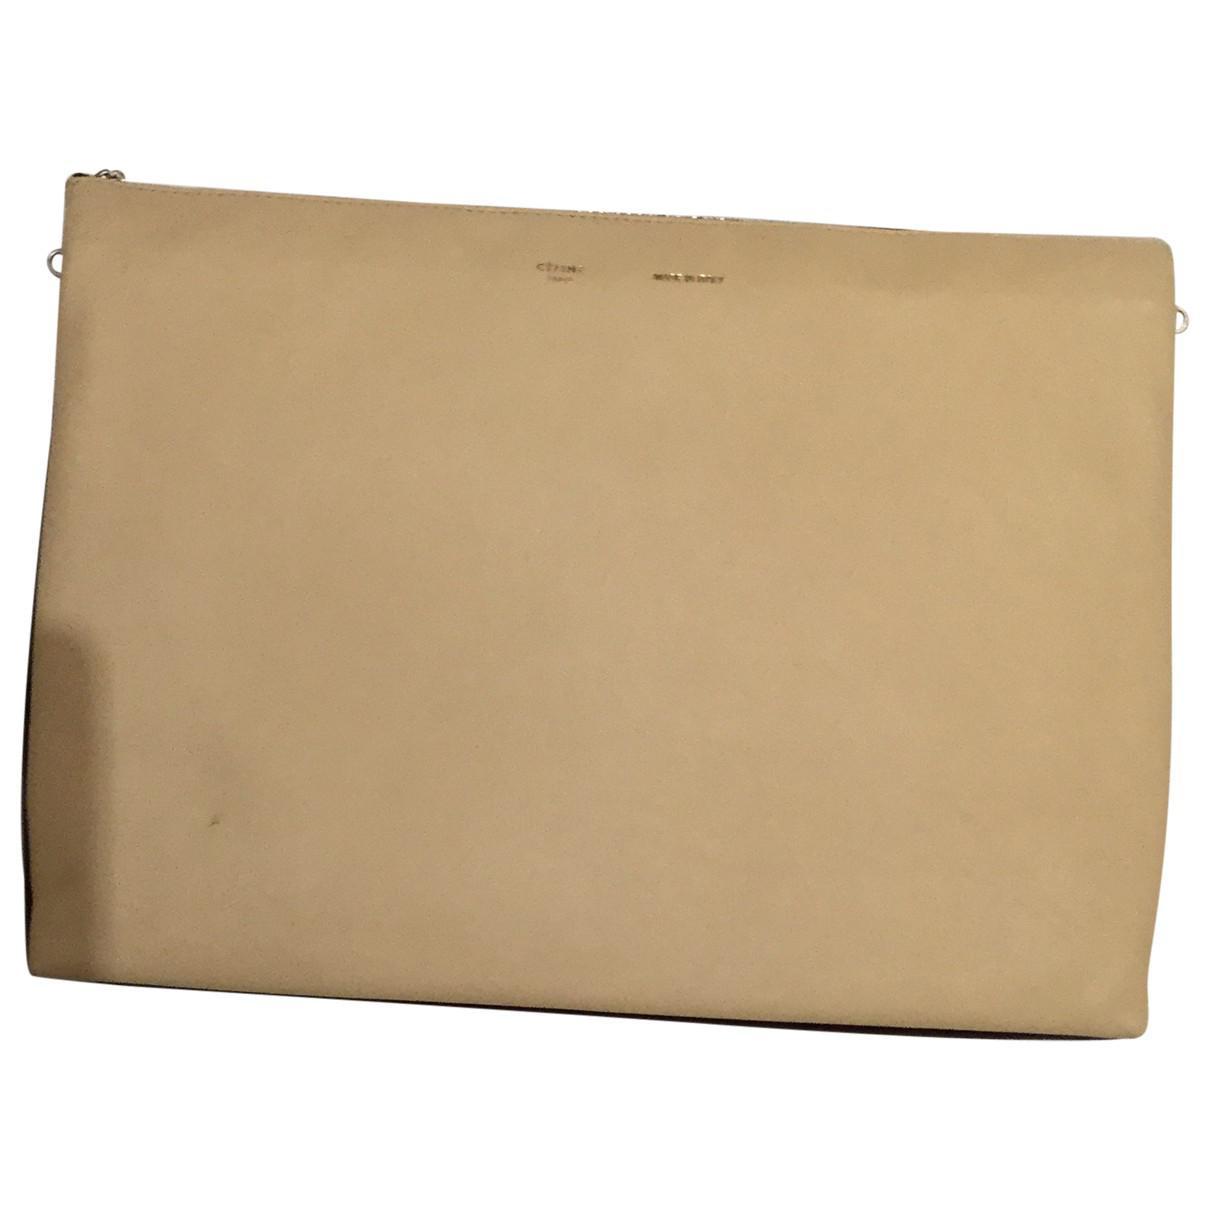 Lyst - Céline Trio Leather Clutch Bag in Natural 4315a0885e84b